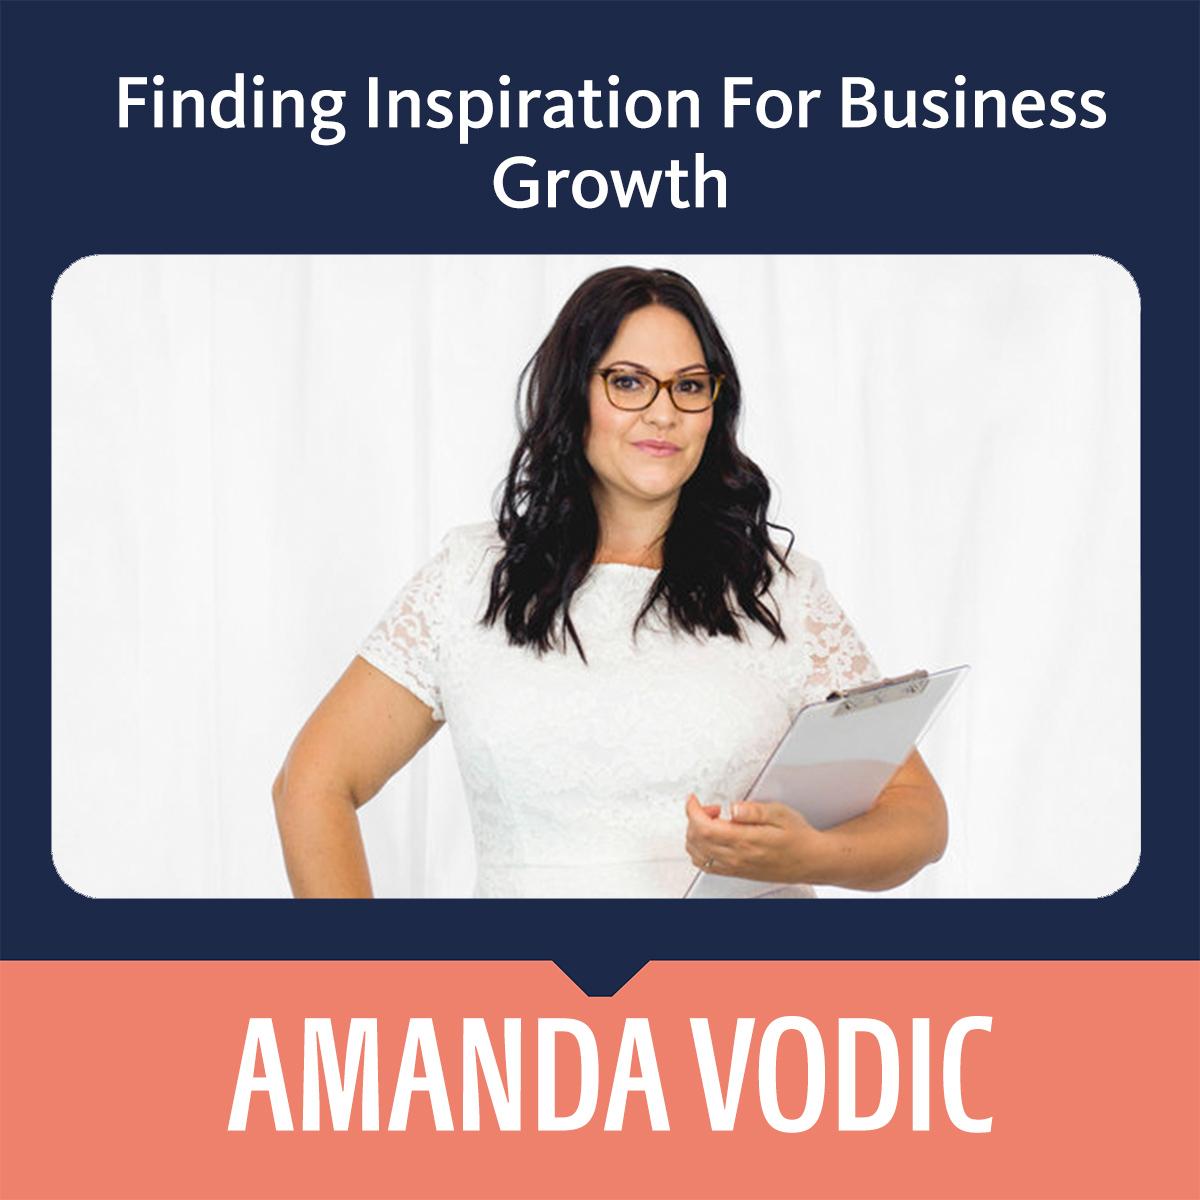 amanda_vodic_square